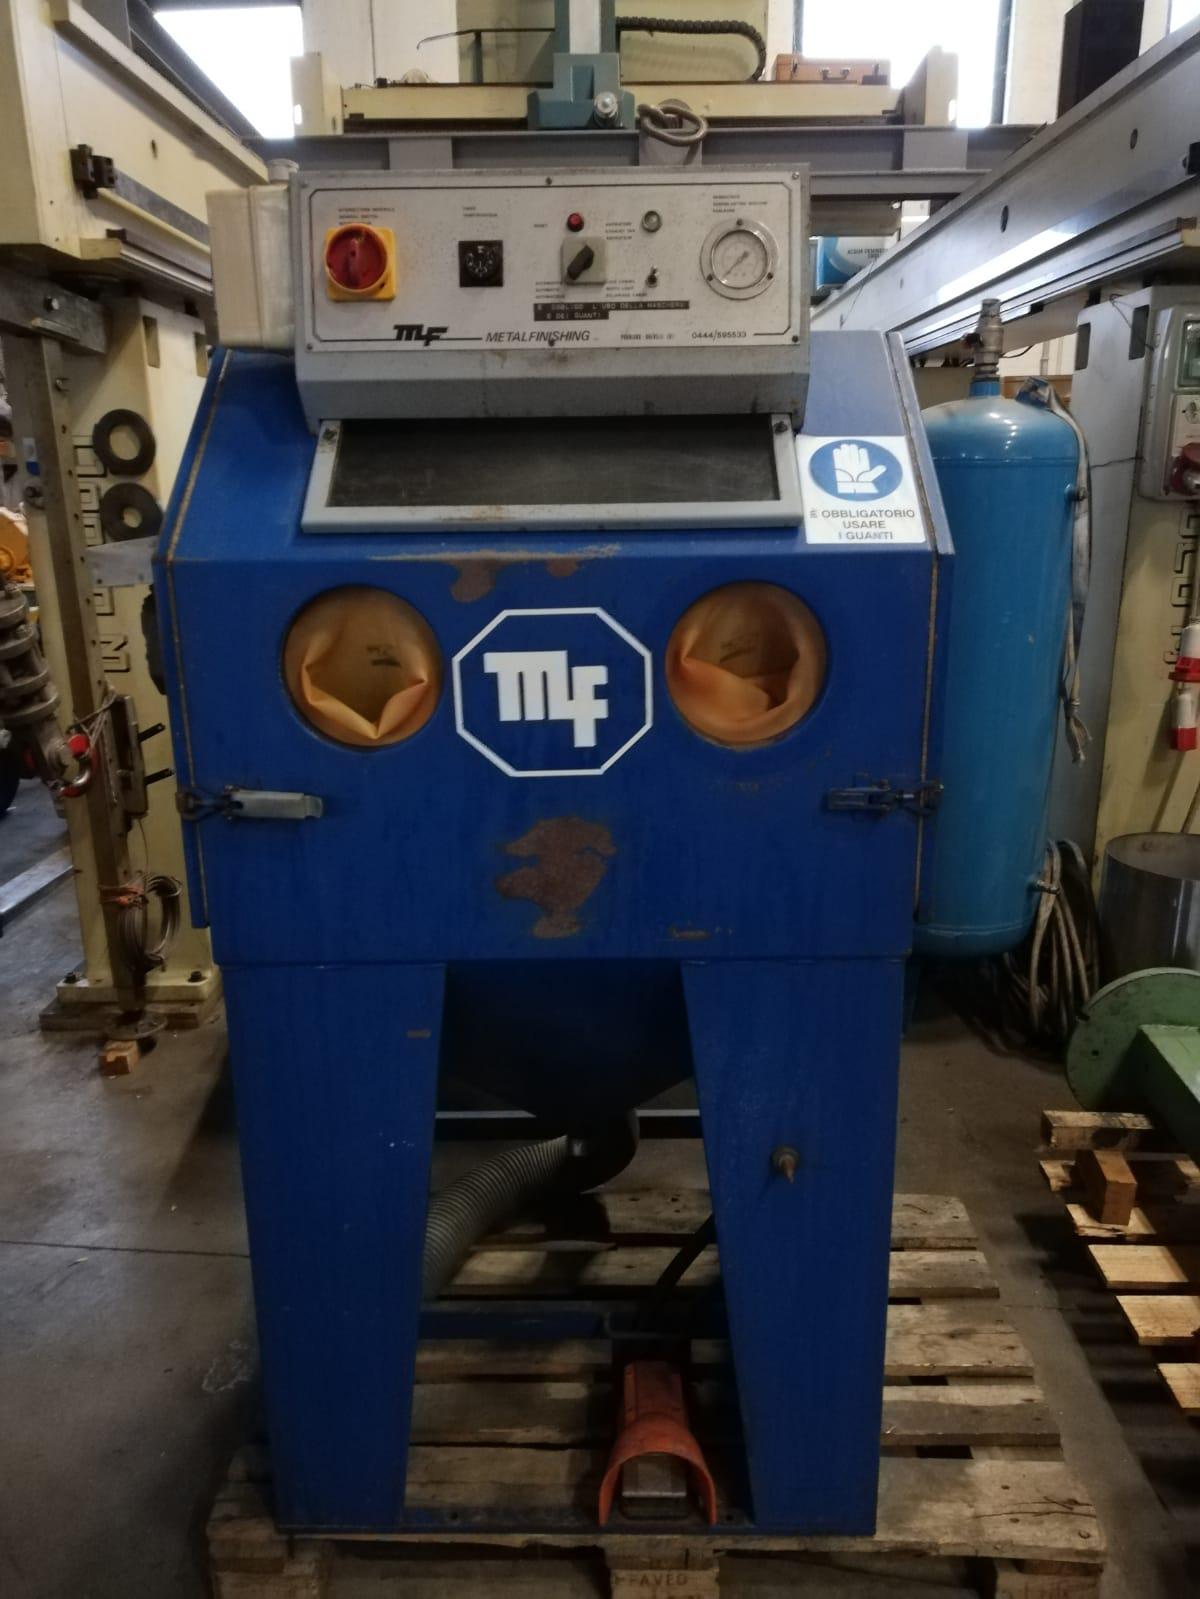 Sabbiatrice MF - Metalfinisching